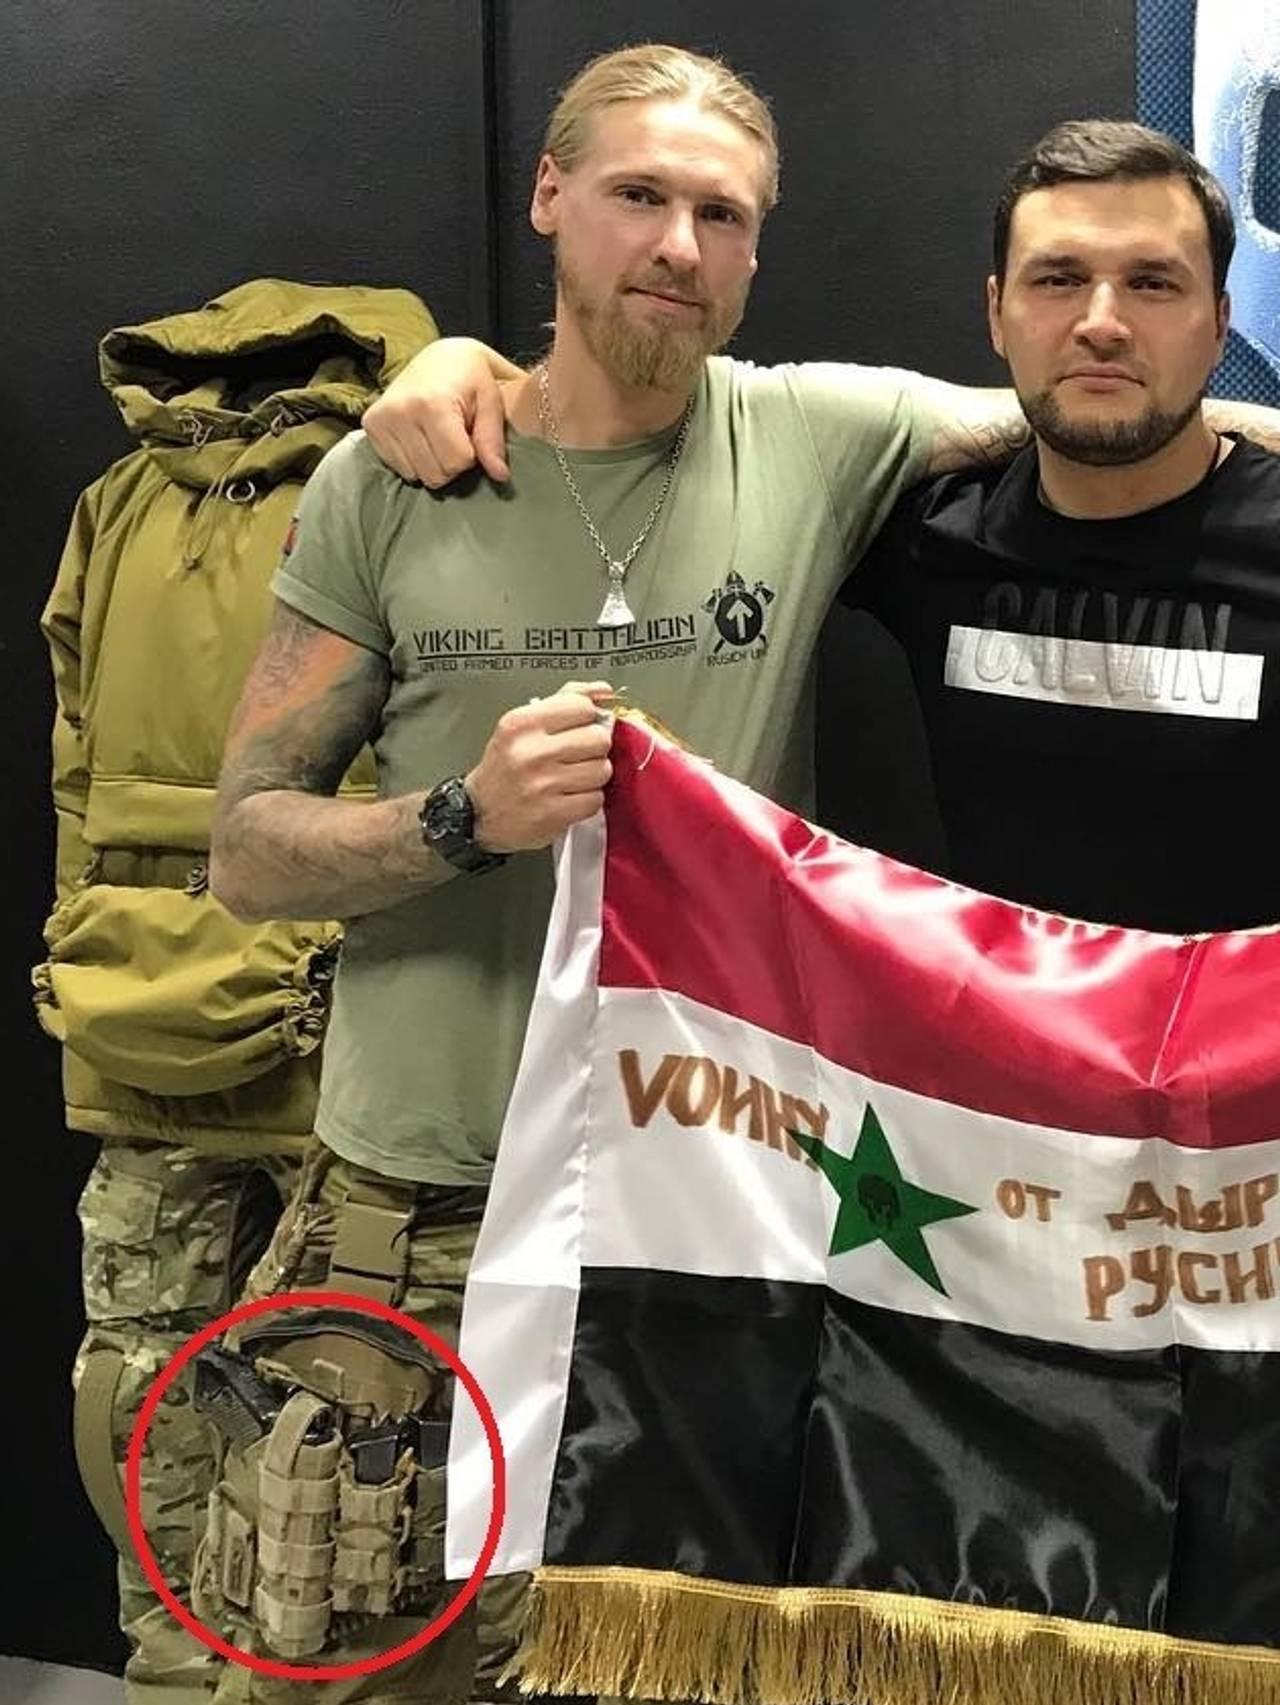 Våpen på høyre ben